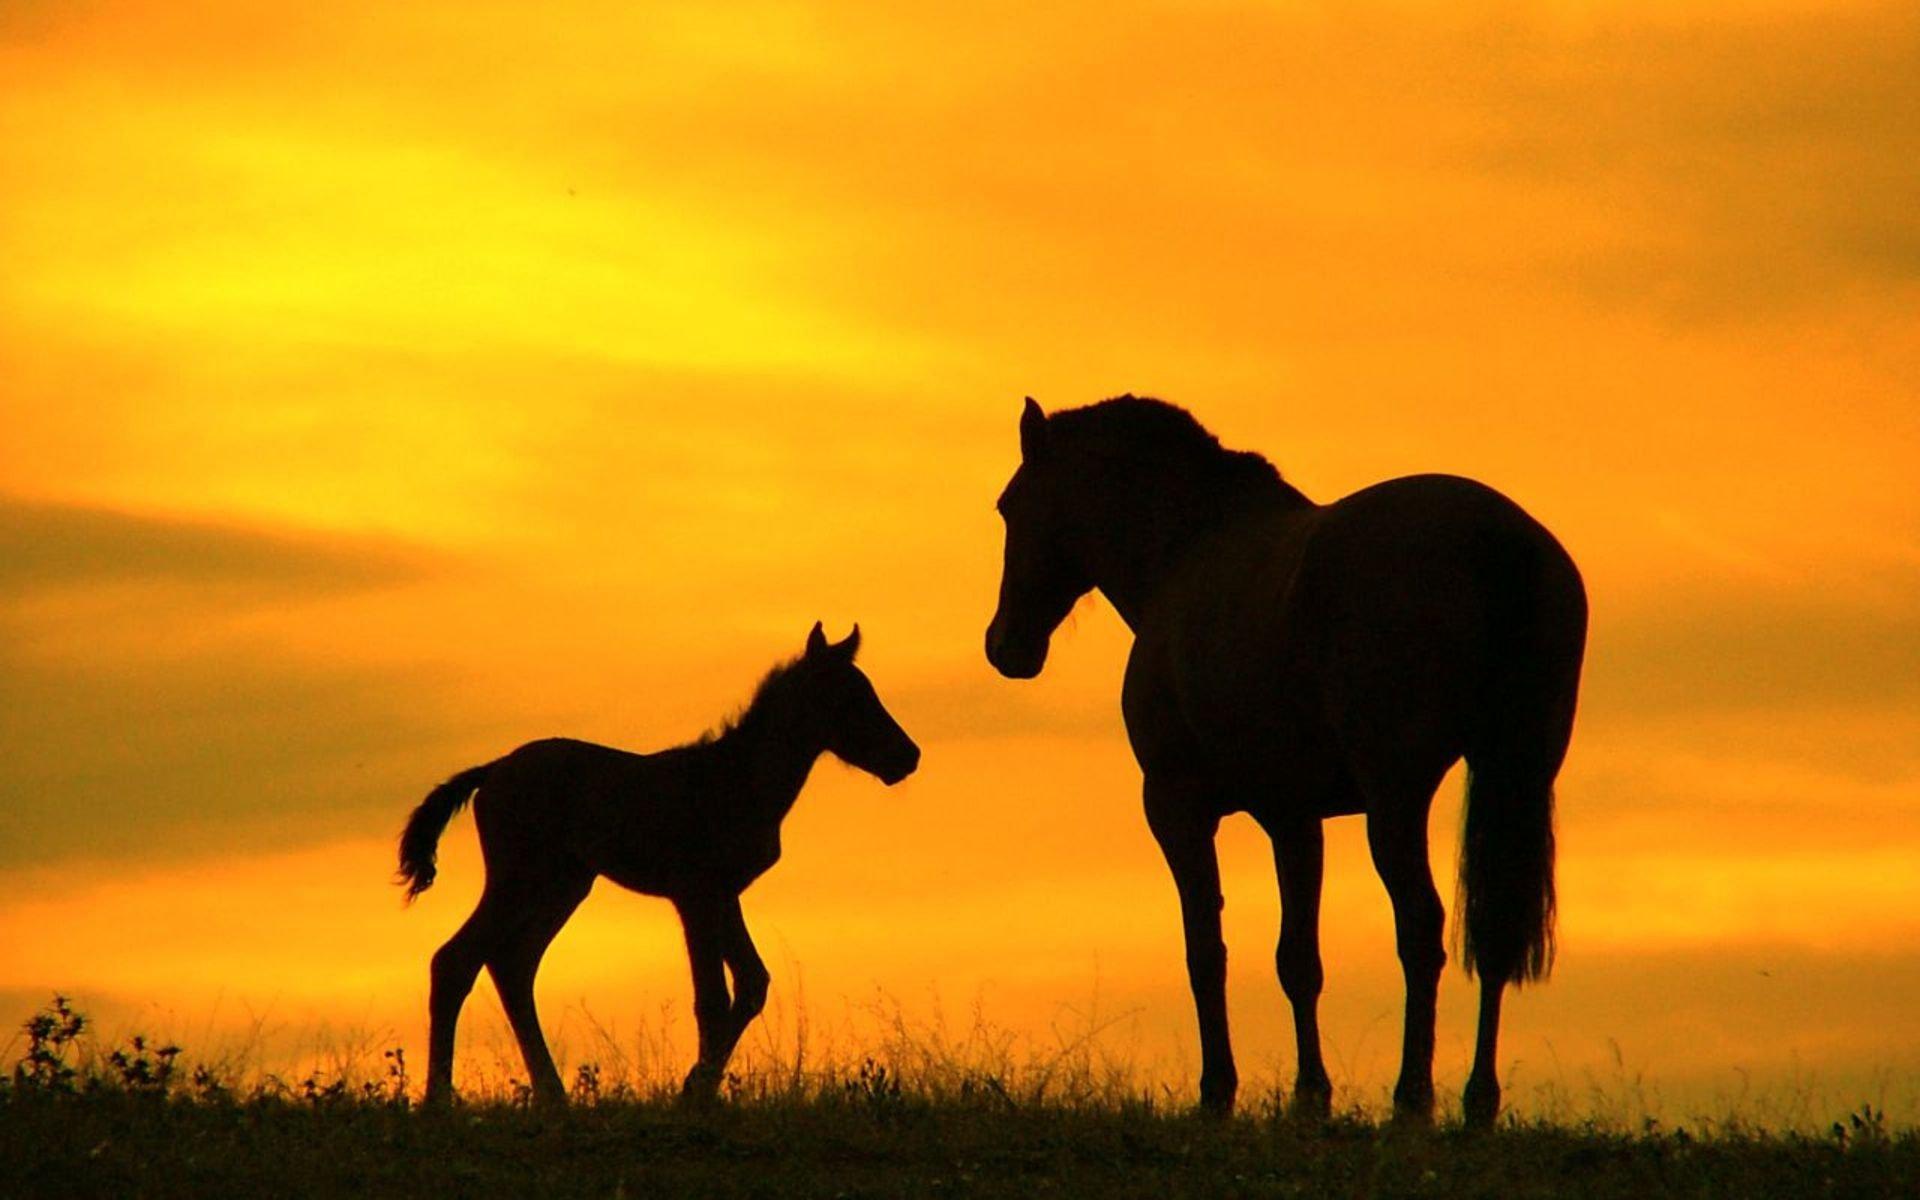 лошадь, трава, закат  № 2643 загрузить